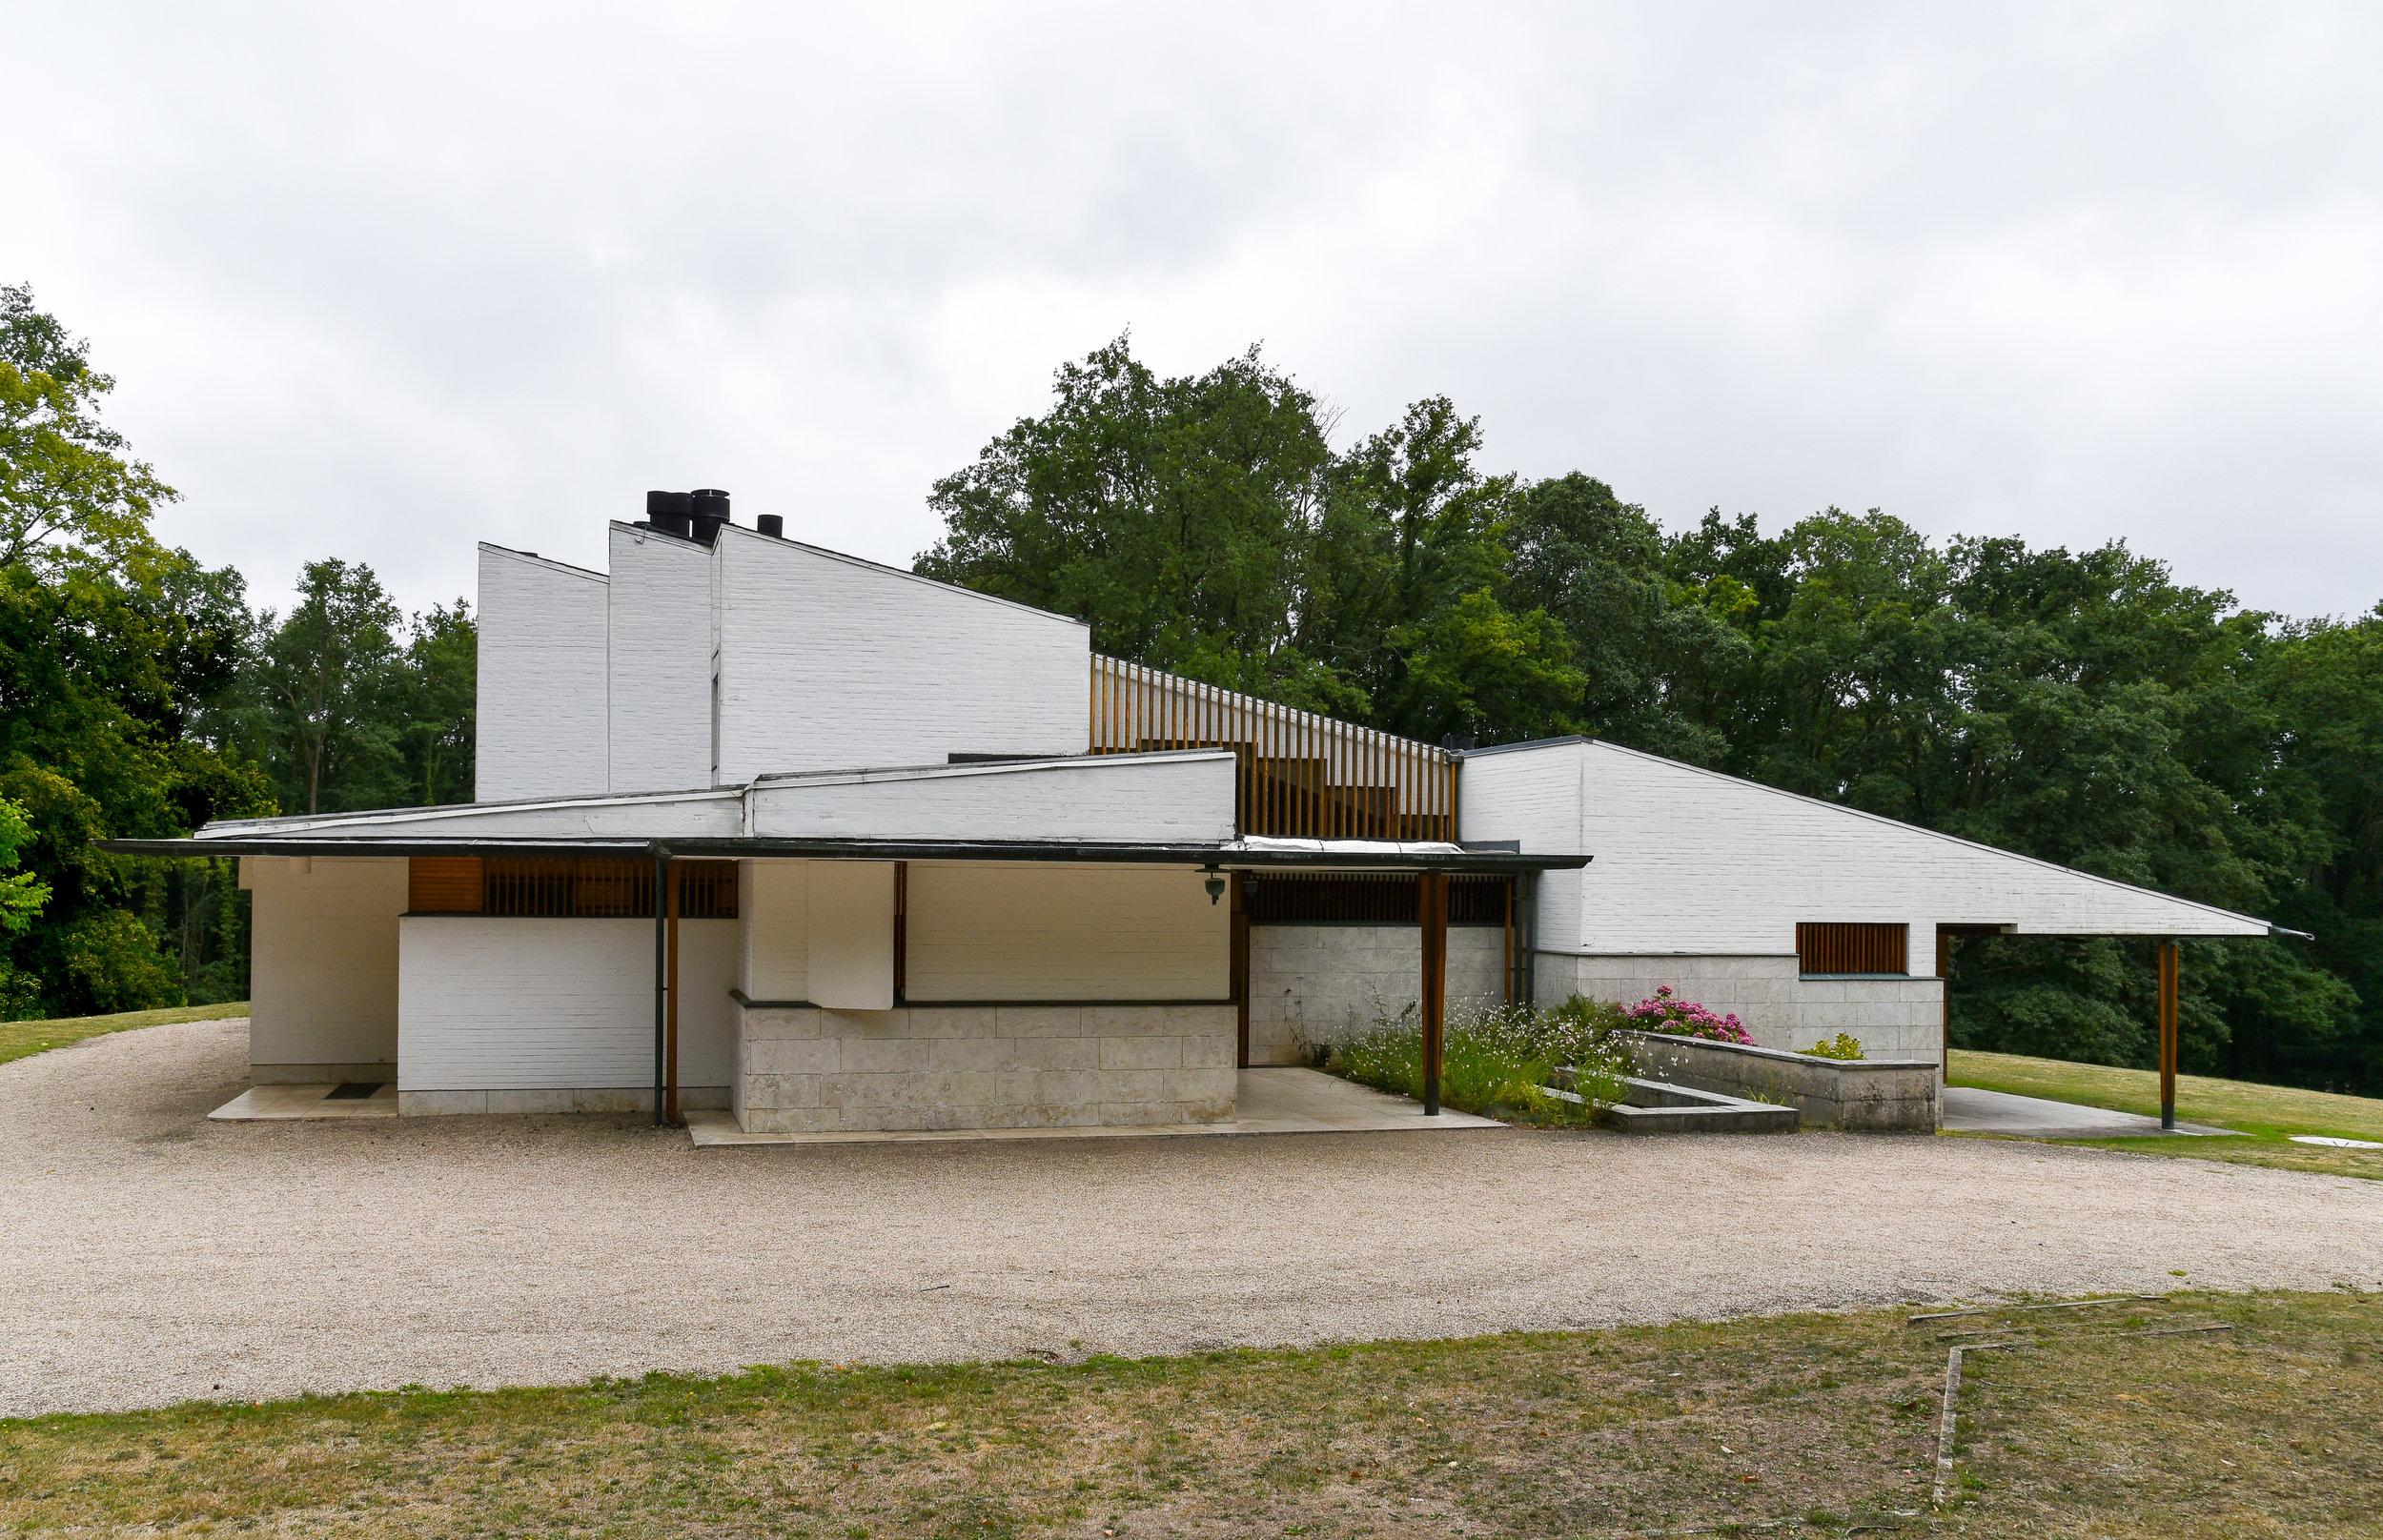 Maison louis Carré, north side